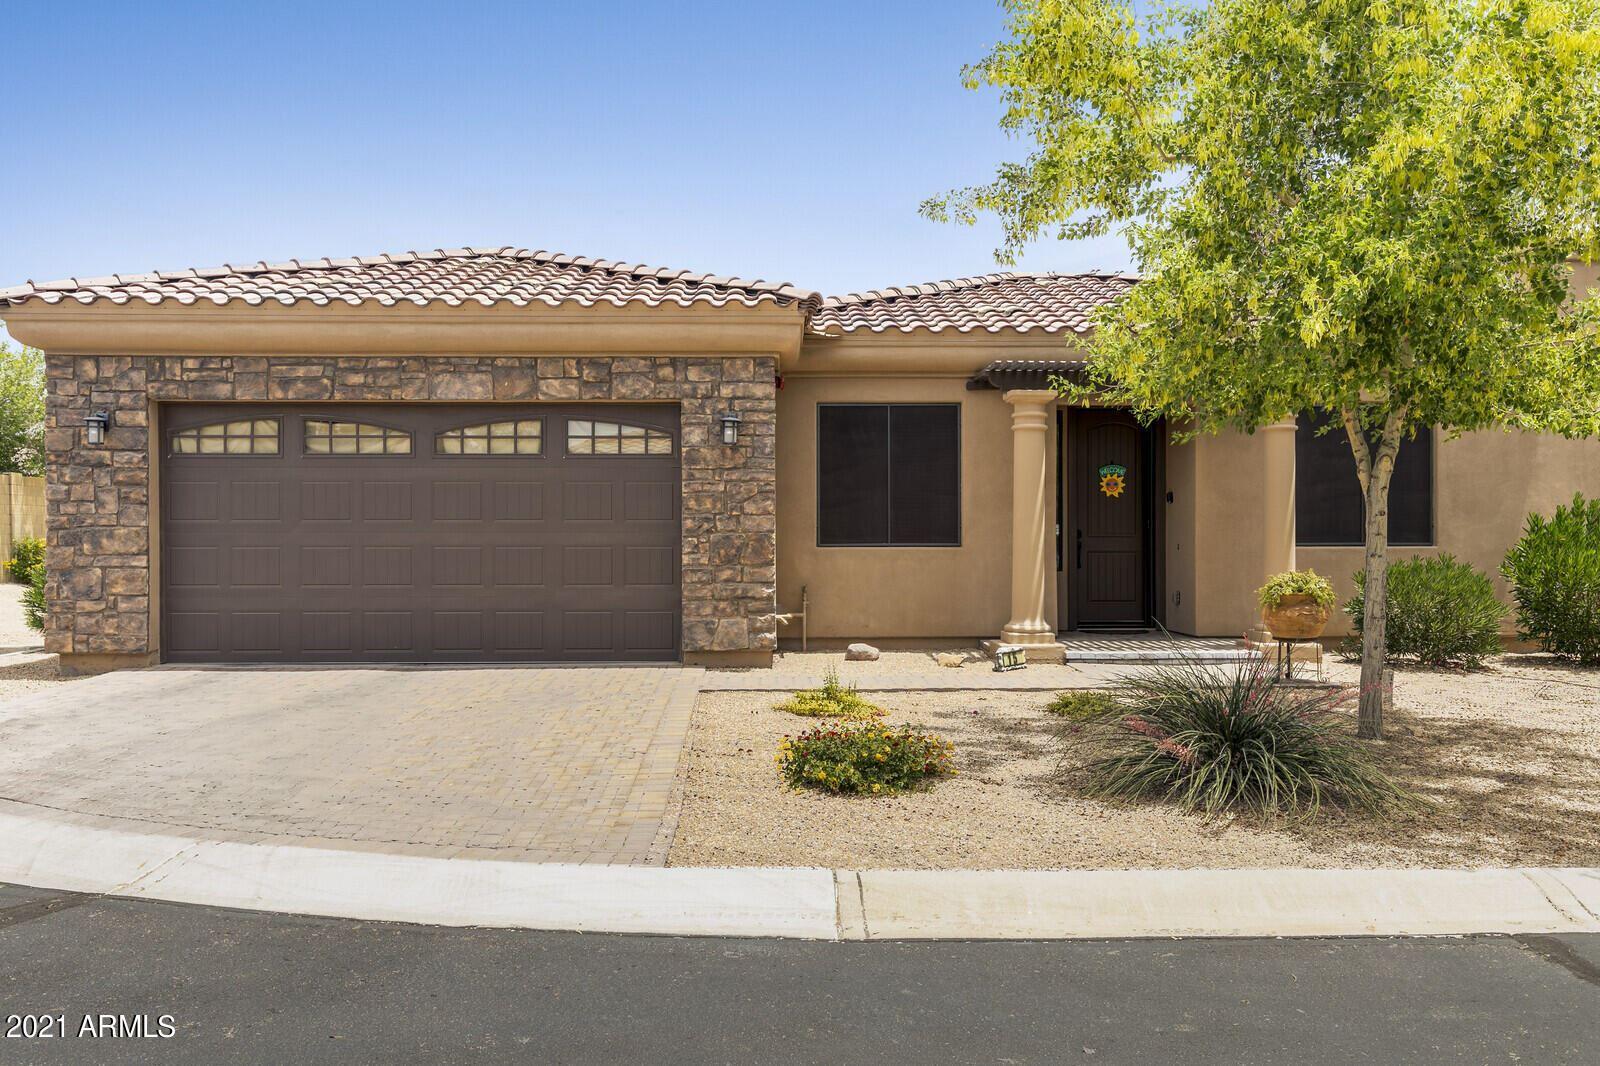 Photo of 4241 N PEBBLE CREEK Parkway #15, Goodyear, AZ 85395 (MLS # 6247801)